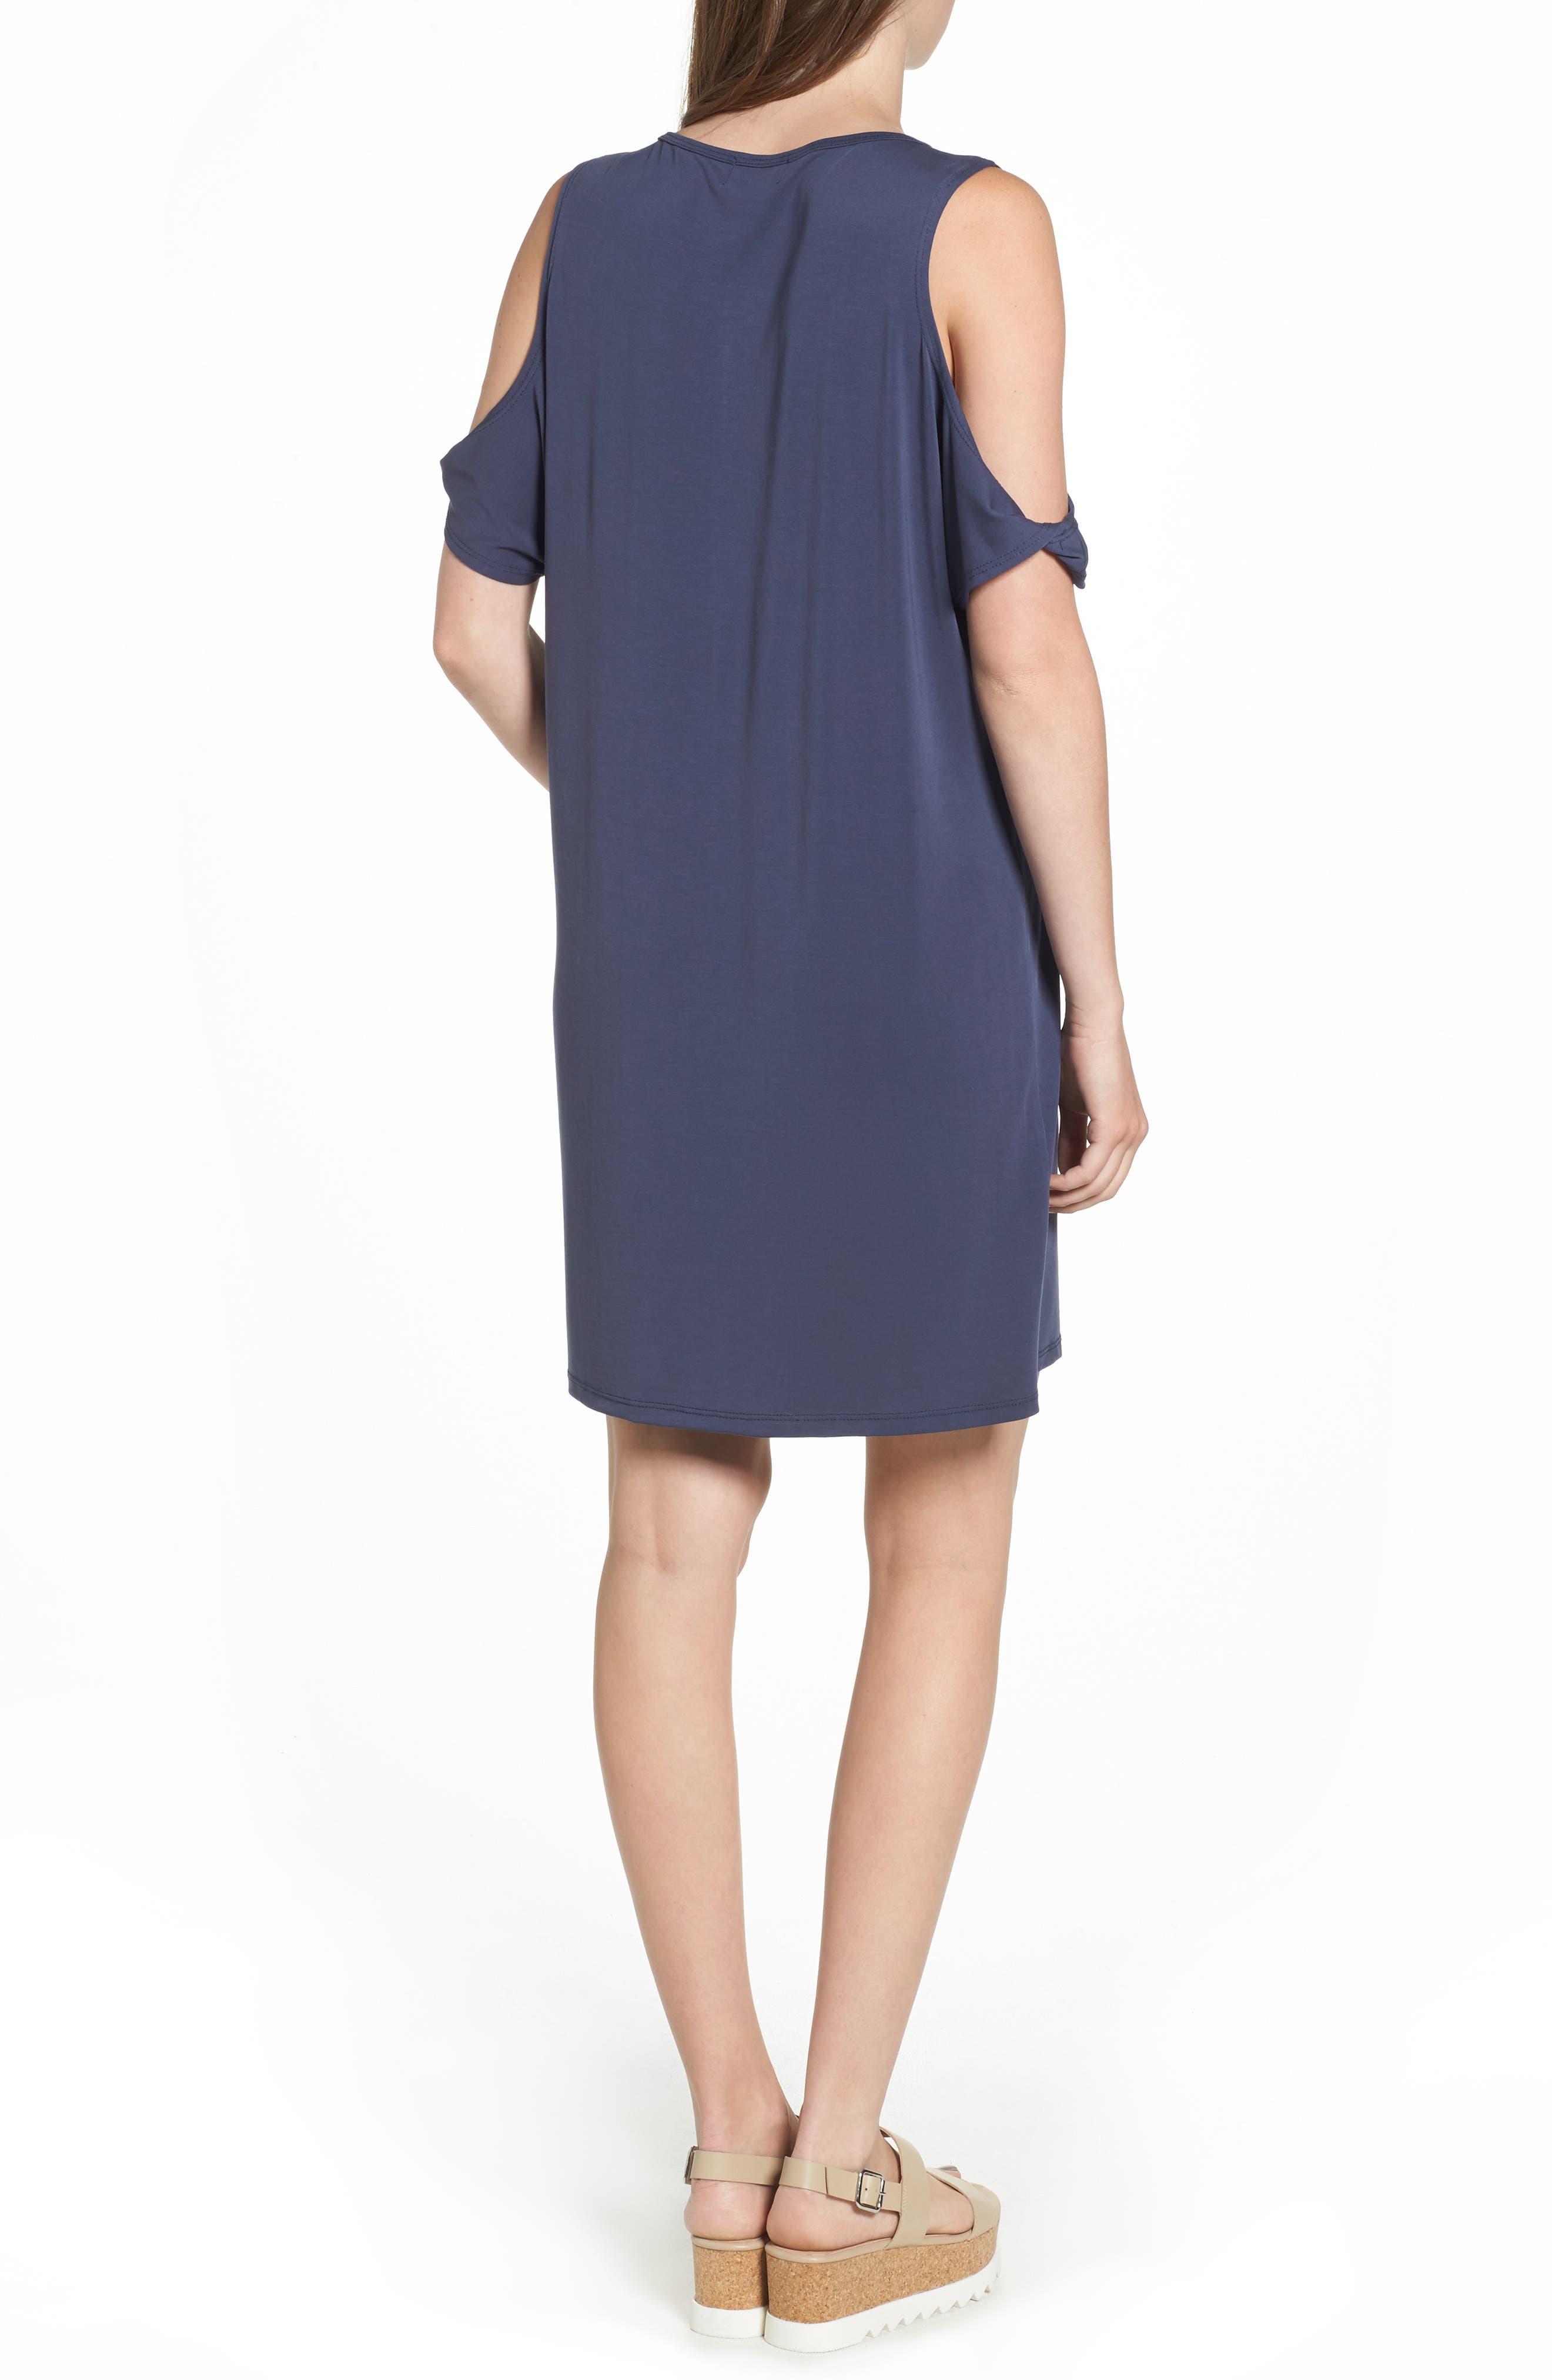 Twisted Cold Shoulder Dress,                             Alternate thumbnail 2, color,                             Denim Navy